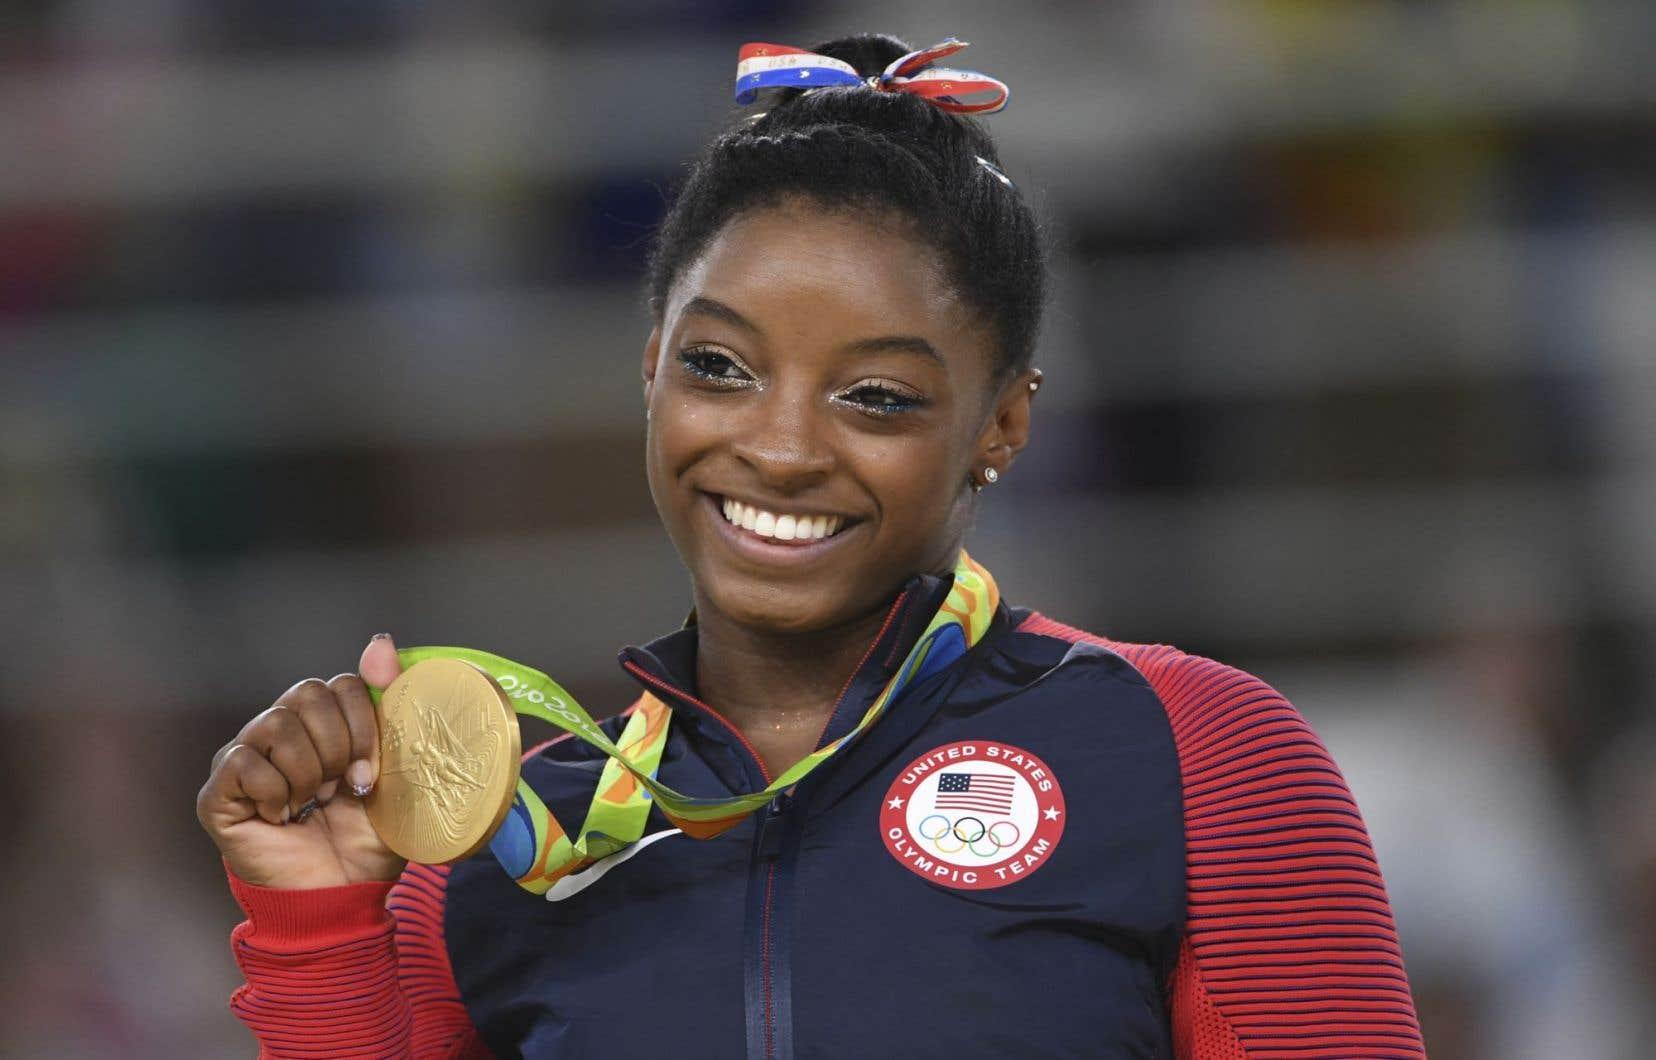 À un journaliste qui lui demandait si elle était «la prochaine» Michael Phelps ou Usain Bolt, la gymnaste Simone Biles a répondu: «Je ne suis ni la prochaine Michael Phelps ni la prochaine Usain Bolt. Je suis la première Simone Biles!»